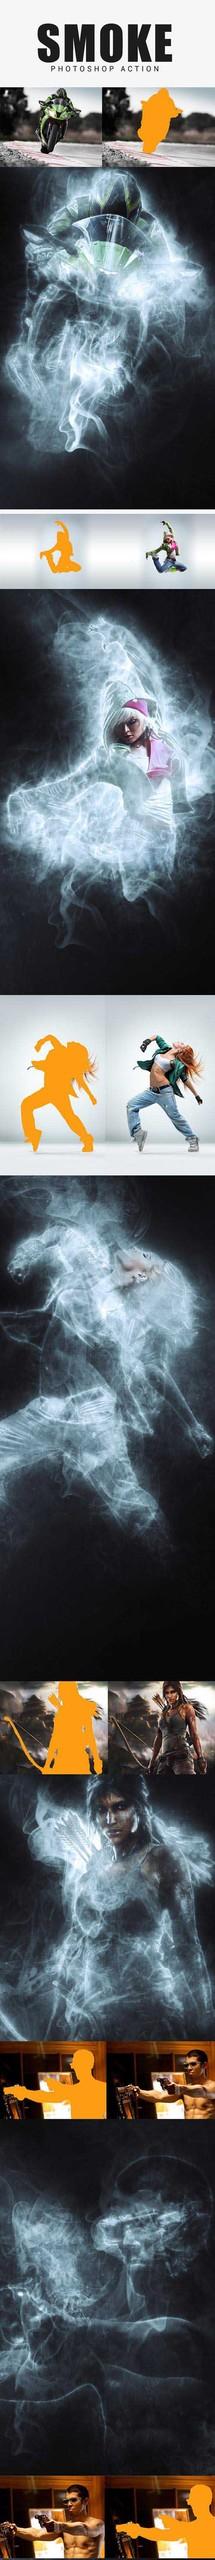 Smoke Photoshop Action-Photoshop Atn